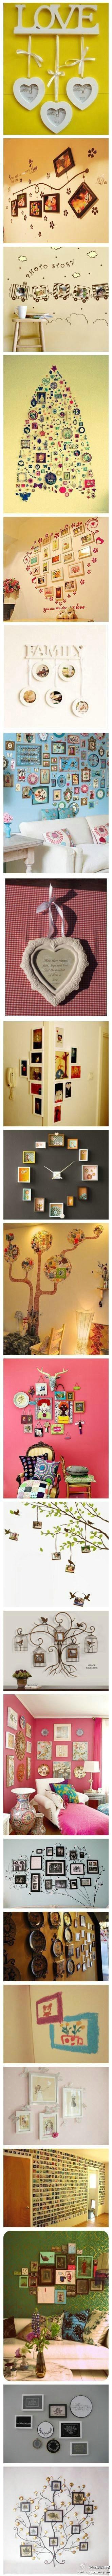 Ways to hang pictures on the wall Maneras de colgar fotos en la